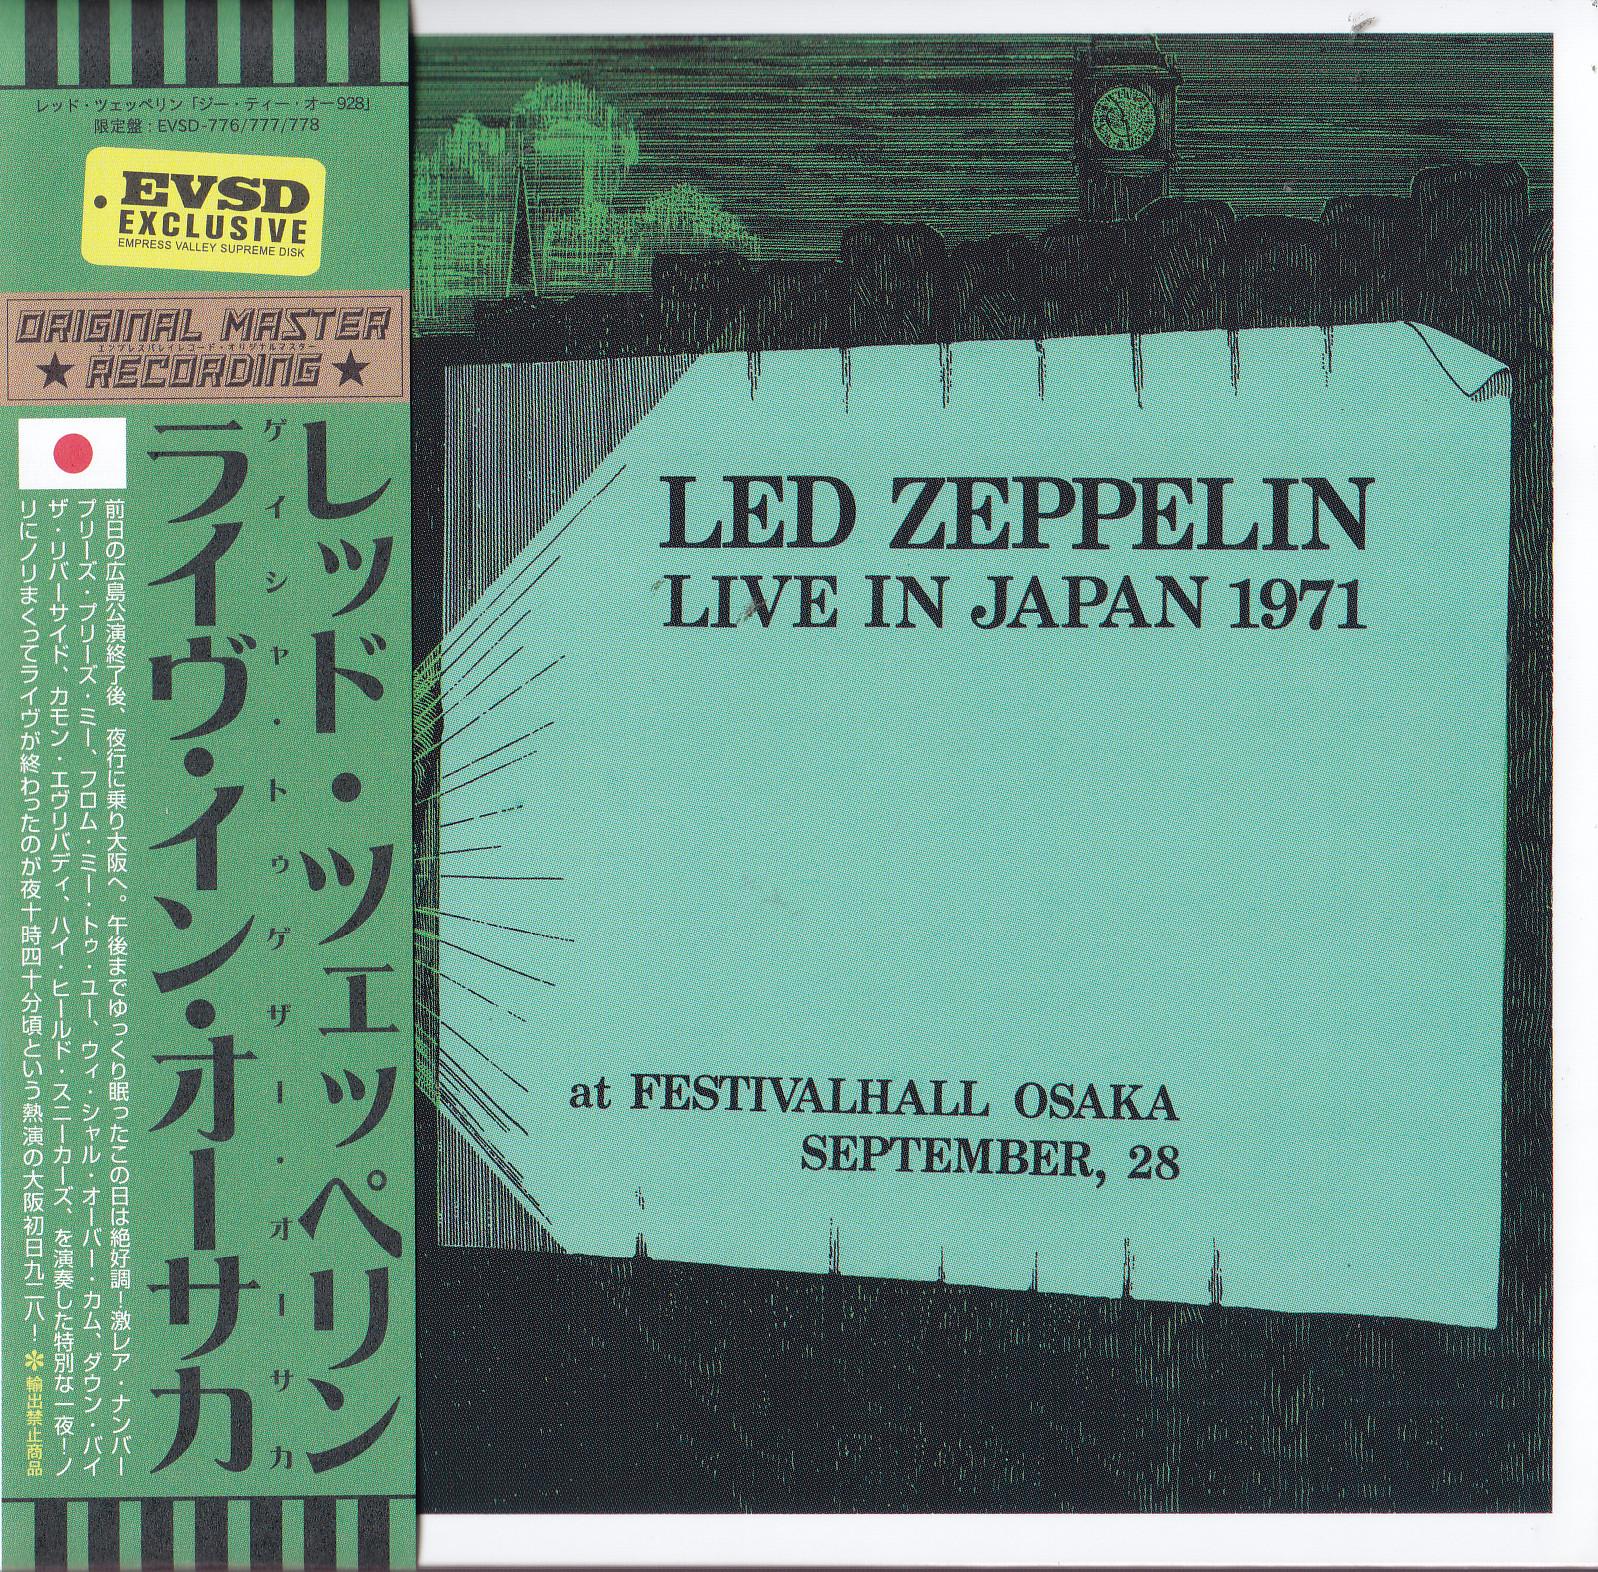 Led Zeppelin - Live In Japan 1971 (6CD Box Set) Empress Valley Supreme  Disc  EVSD 776-781